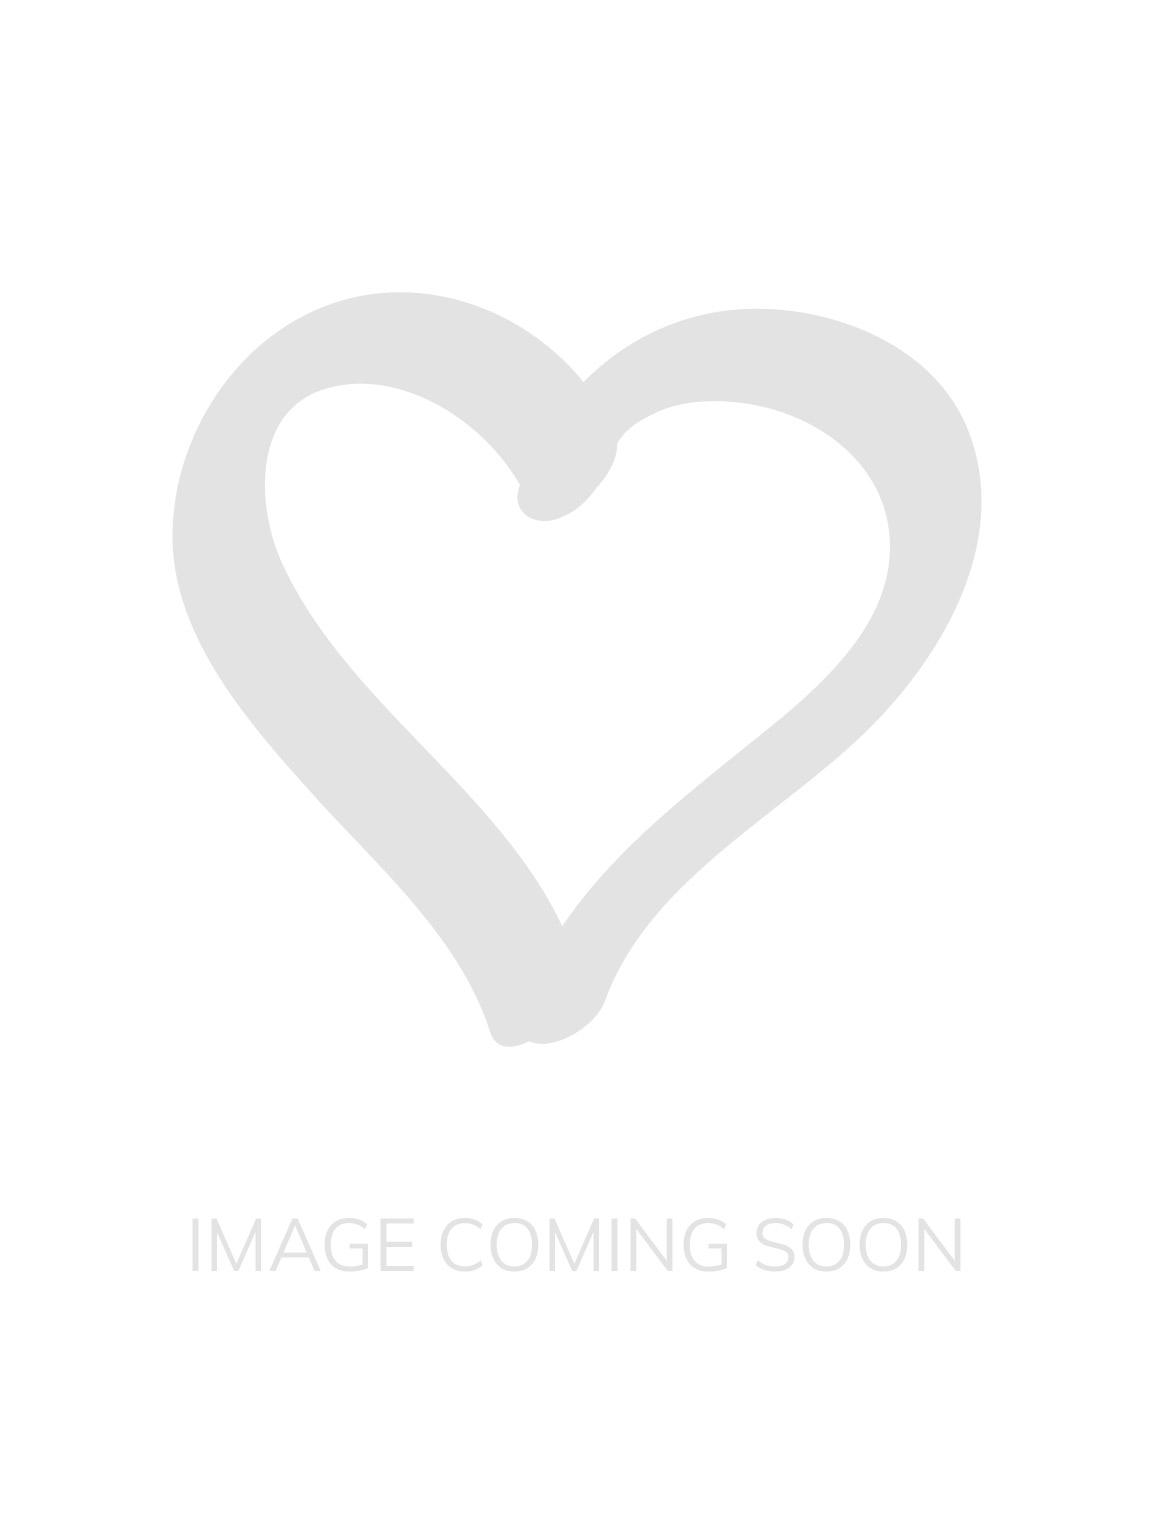 Fever Suspender Garter Belt - White